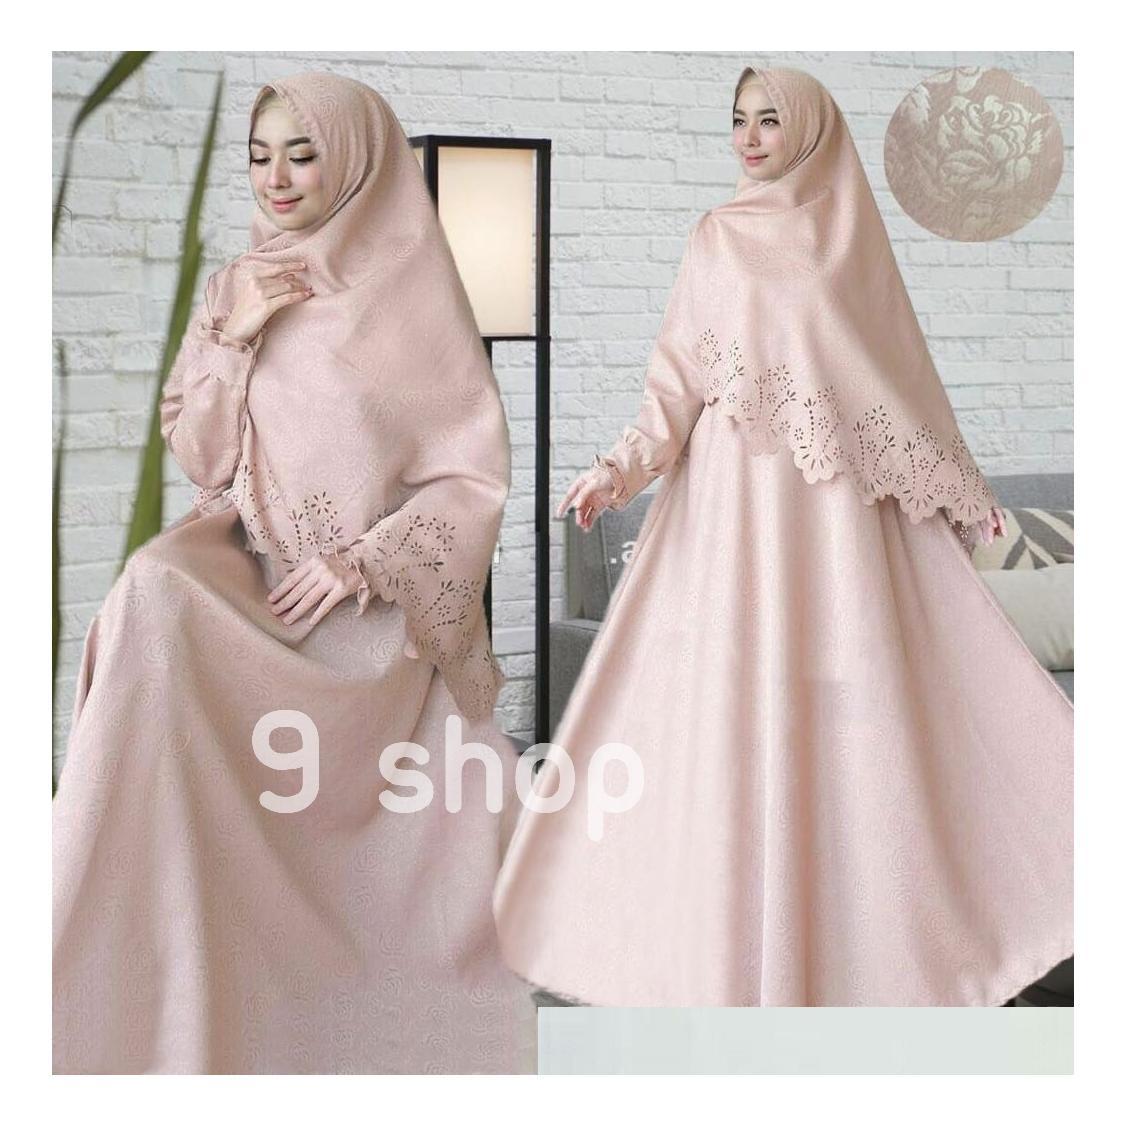 9 Shop Baju Gamis Syari Dress Maxi Muslim Wanita RESITA + Jilbab / Baju Muslim Wanita / Gamis Muslim / Dress Muslimah / Syari'i Muslimah / Gamis Dress / Gamis Emboss / Gamis Murah / Gaun Muslim / Gamis Remaja / Gamis Terbaru